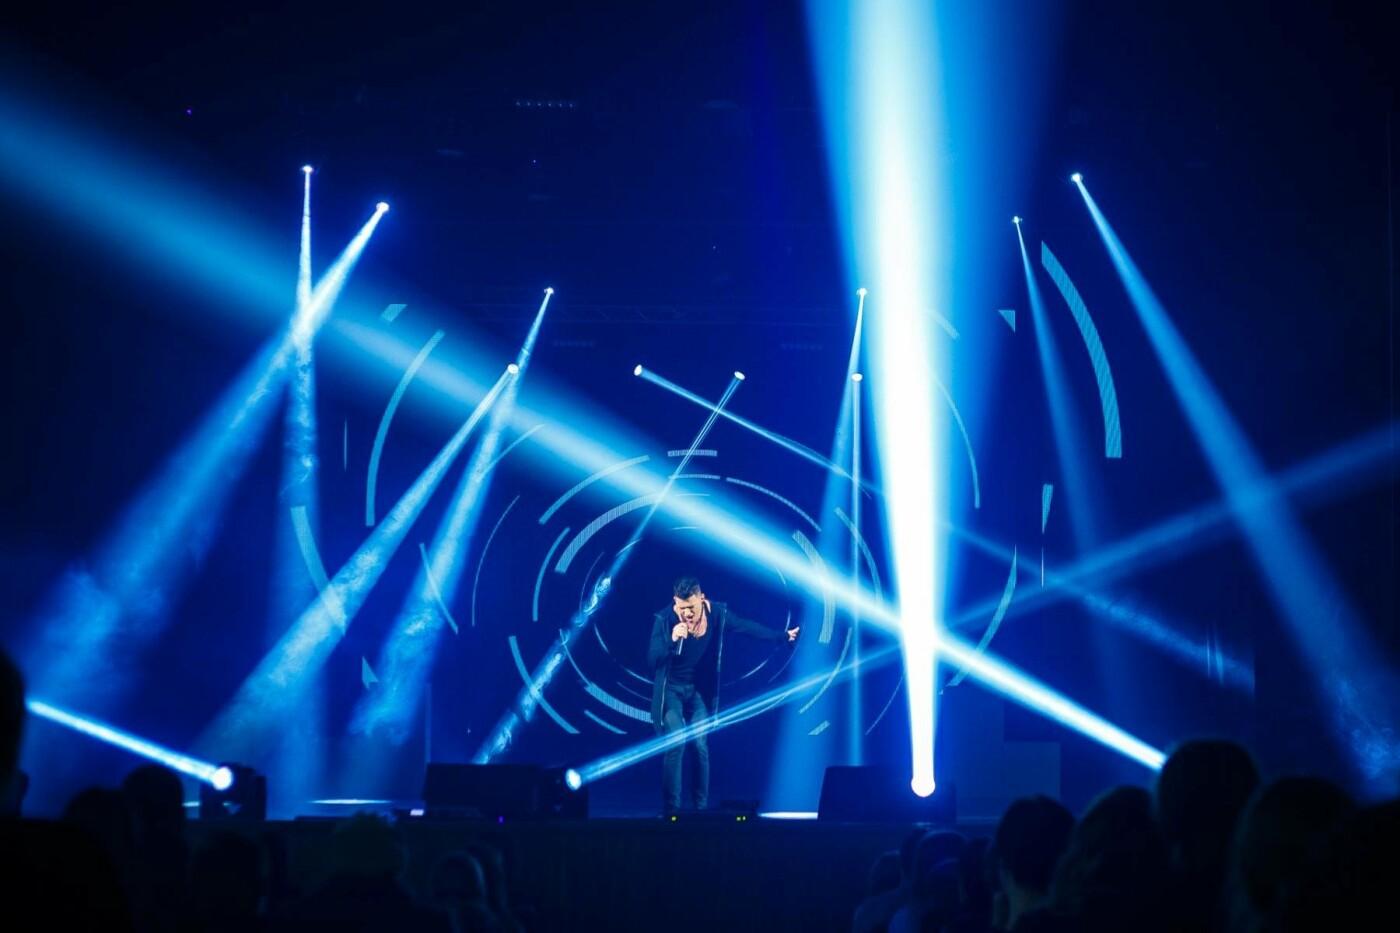 Запорожцев приглашают на концерт финалистов музыкальных телешоу, фото-3